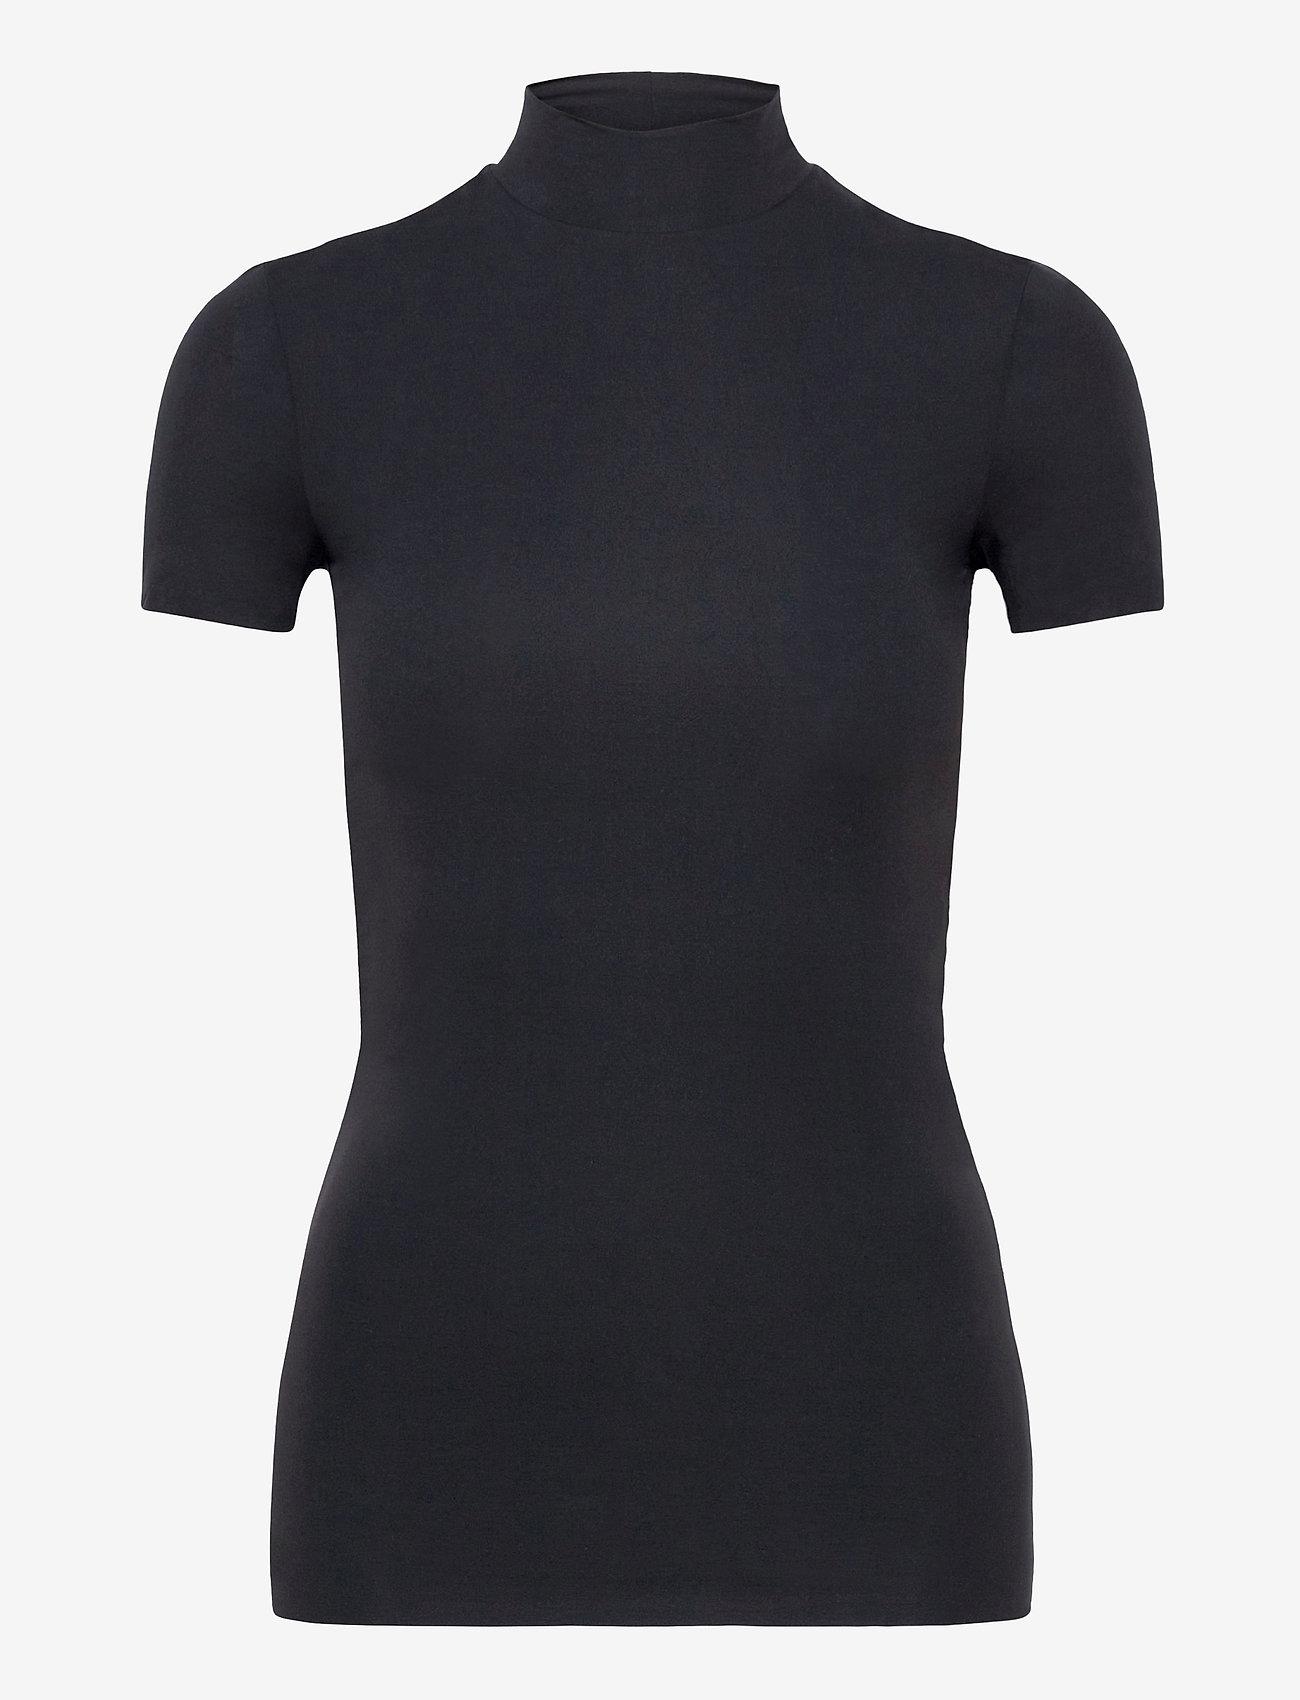 Max&Co. - CRUNA - t-shirts - navy blue - 0